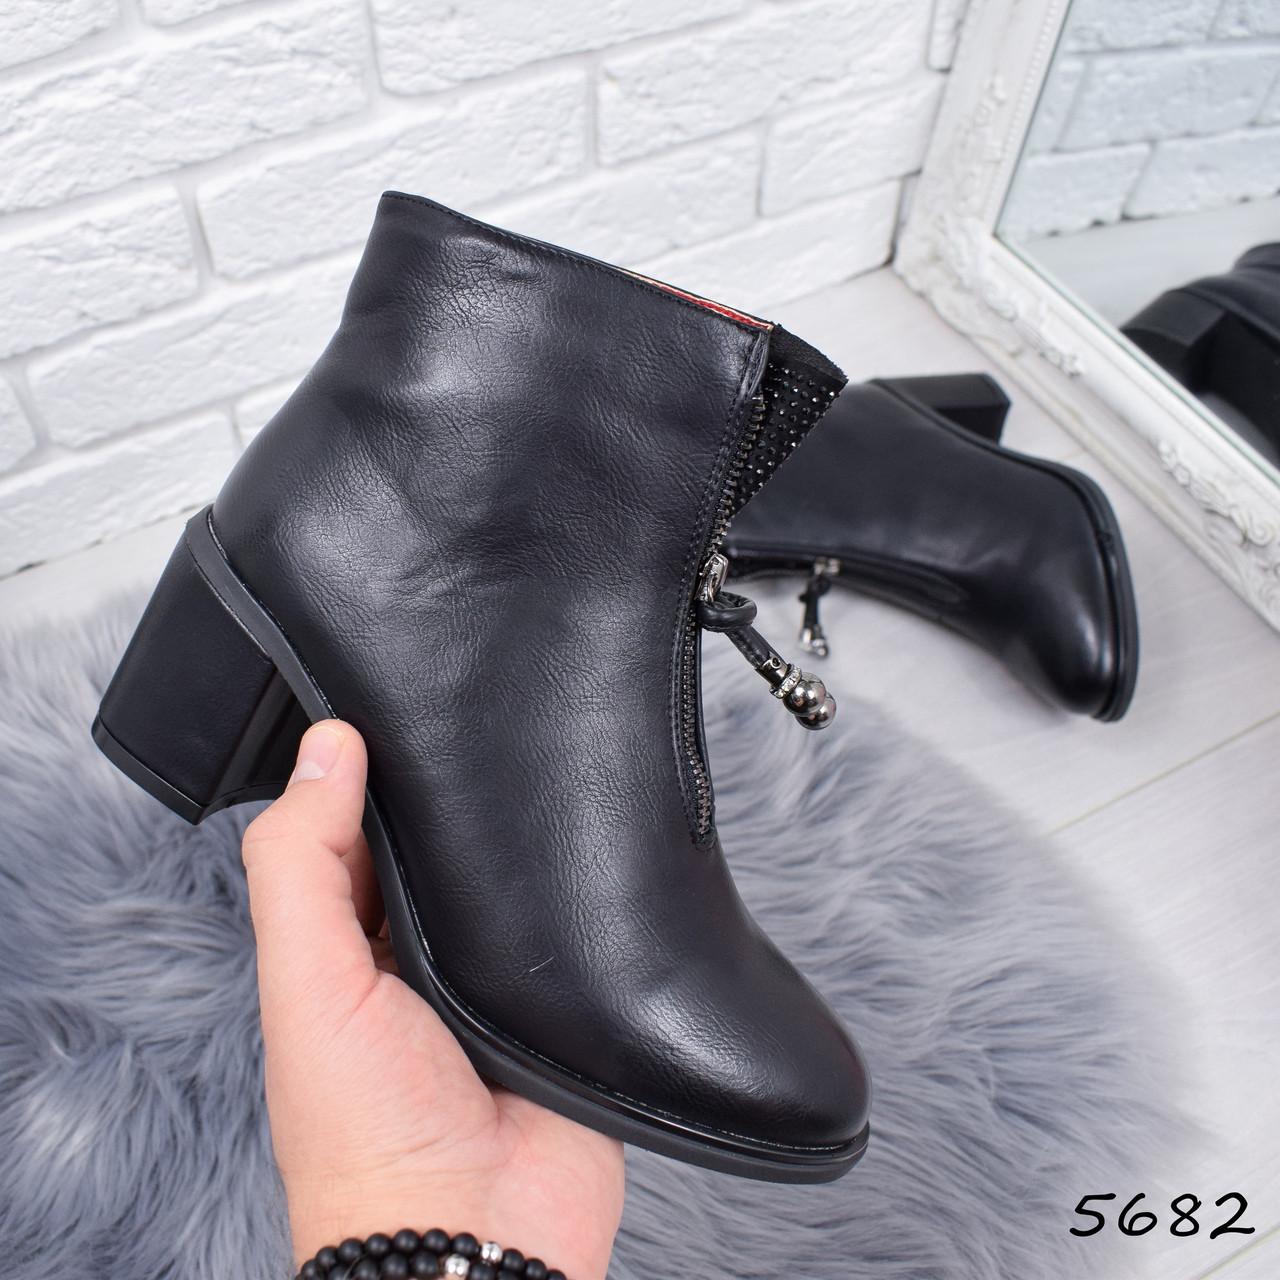 Ботильоны женские демисезонные Ree , женская обувь